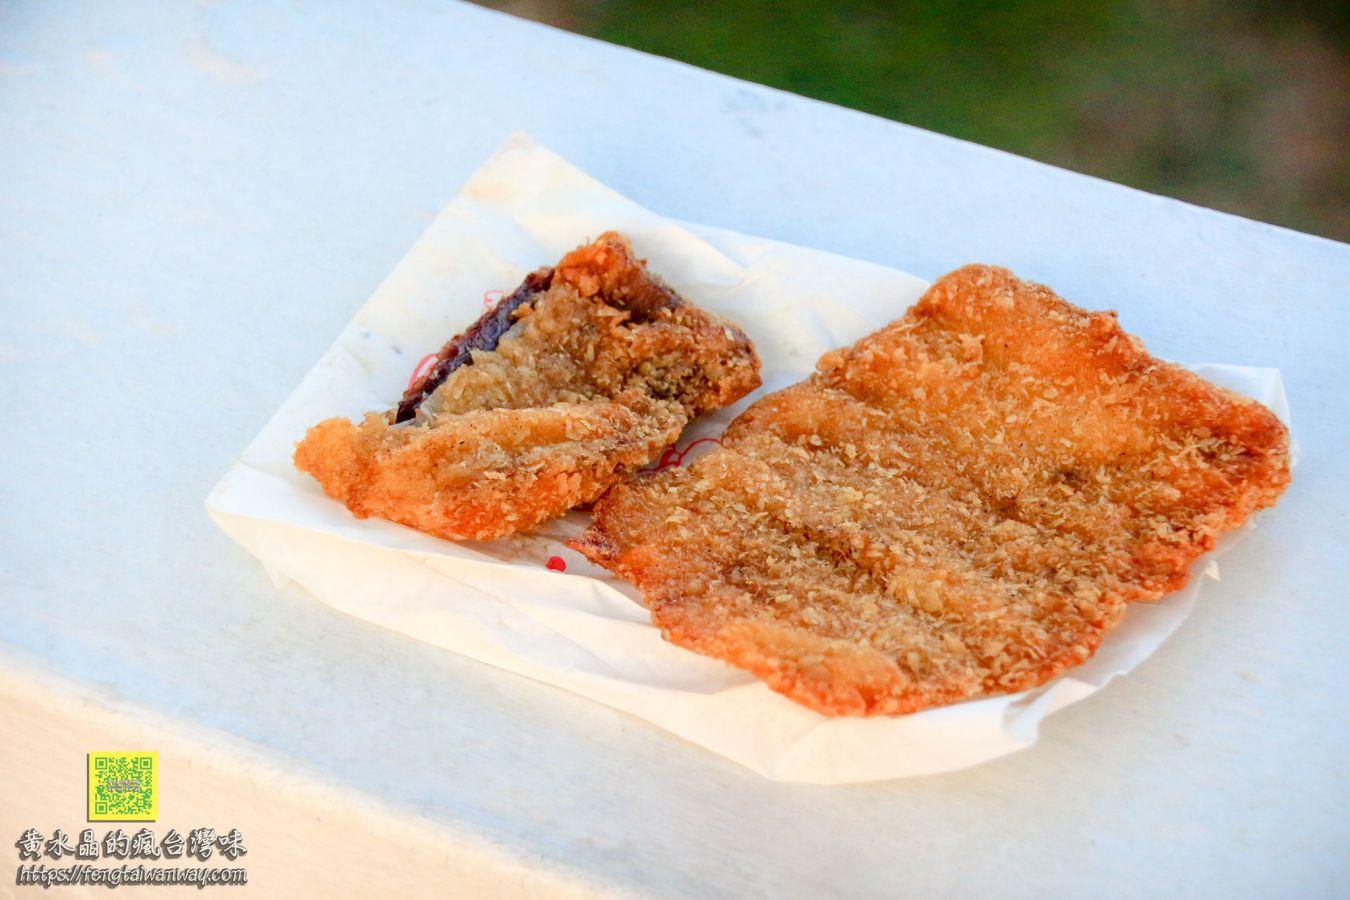 大池炸粿&鯊魚排【澎湖美食】|西嶼在地仔推薦美食;超級隱藏版美味居然在這口灶的廚房裡 @黃水晶的瘋台灣味